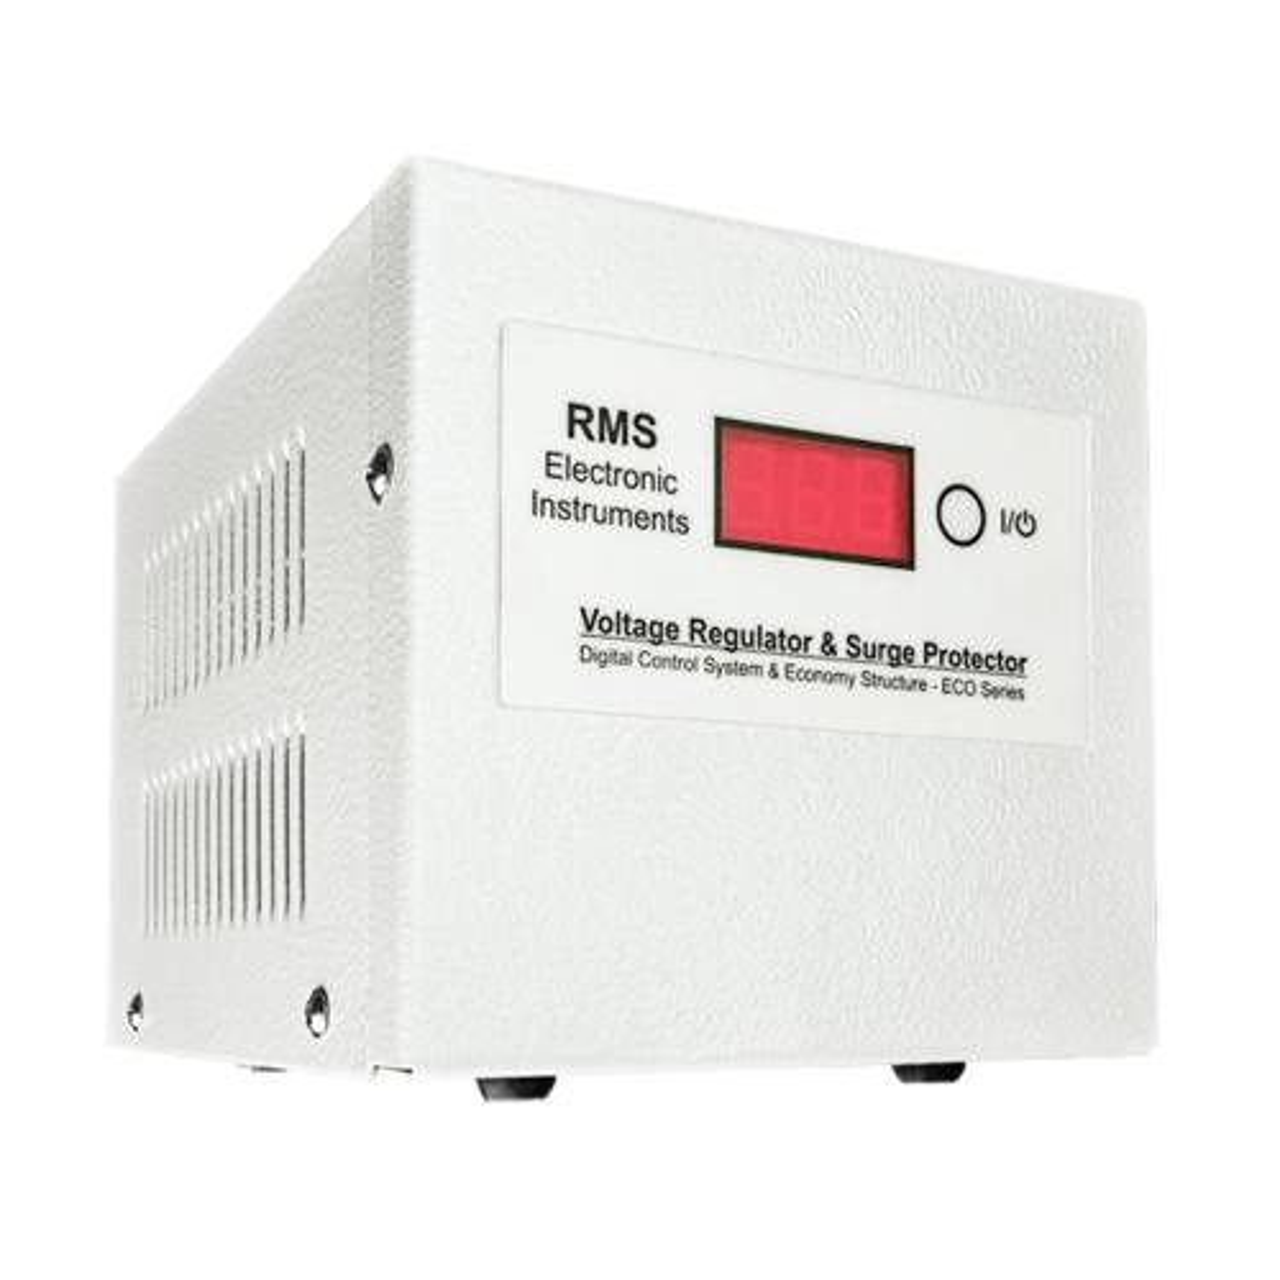 محافظ و ترانس تثبیت کننده ولتاژ برق پرنیک مدل ECO-3000